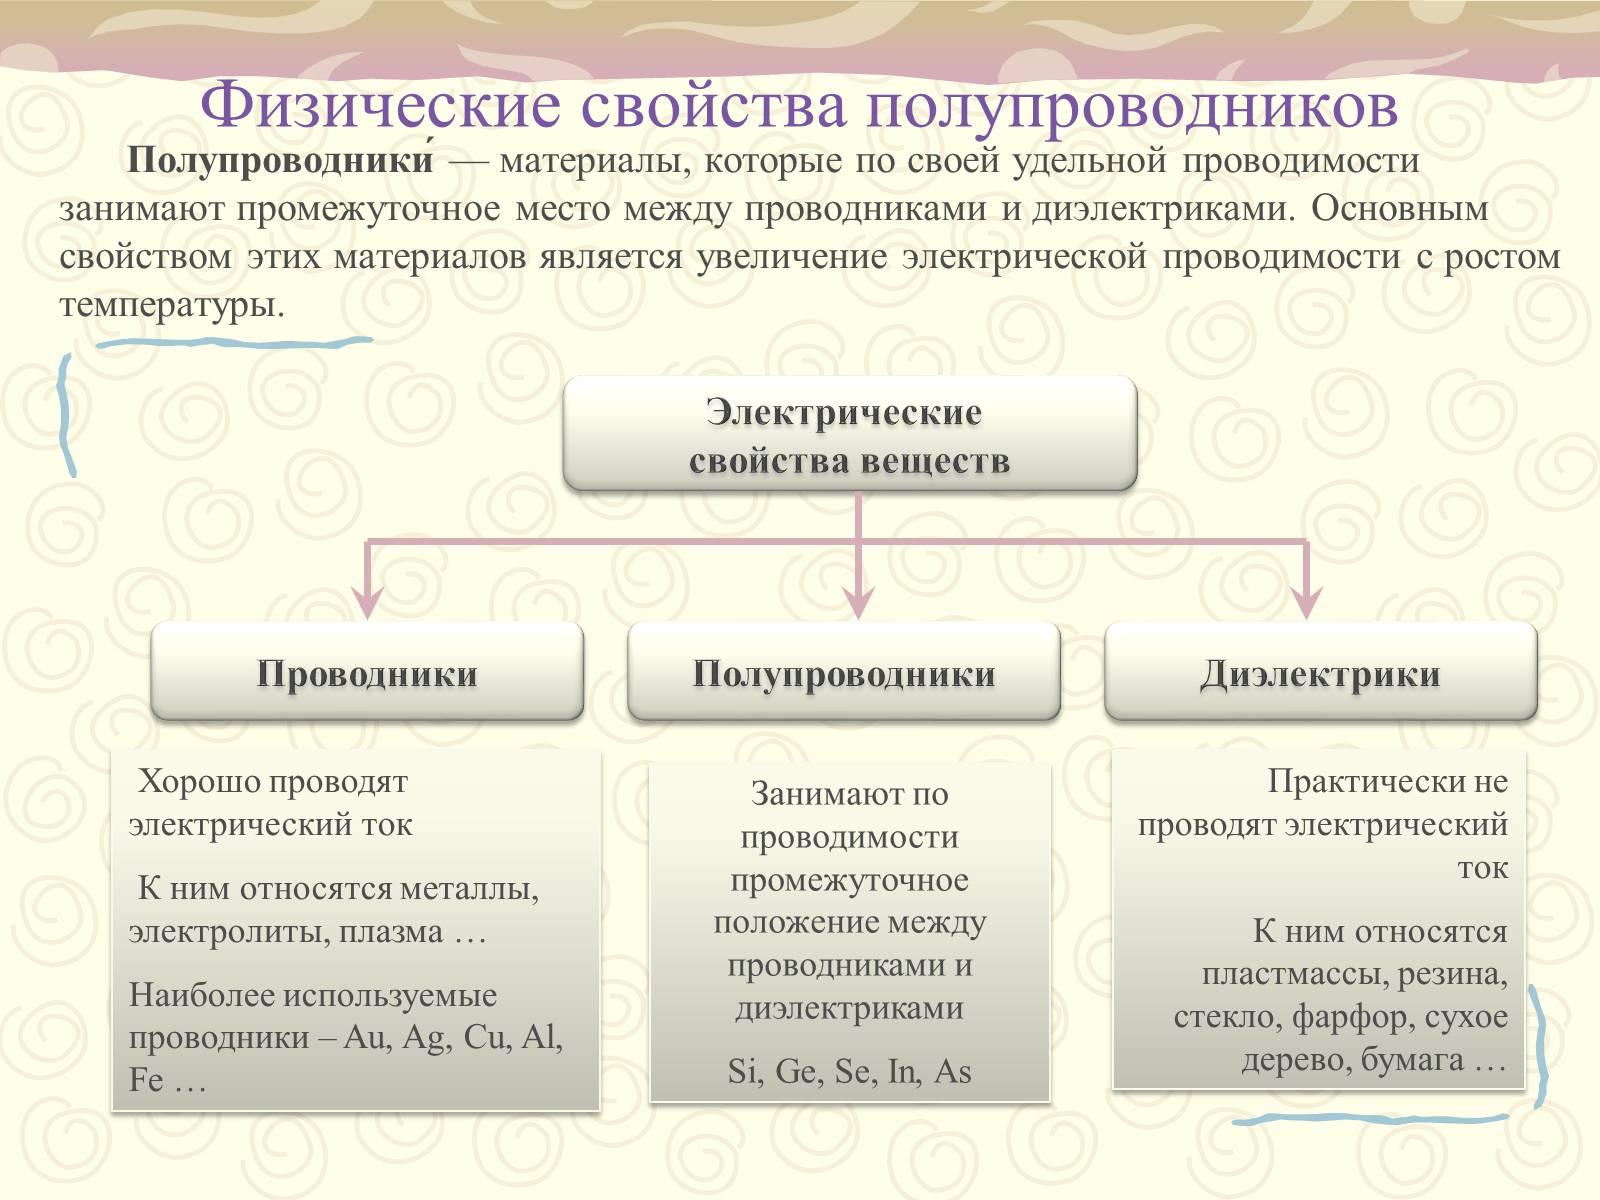 Полупроводниковые материалы: примеры полупроводников